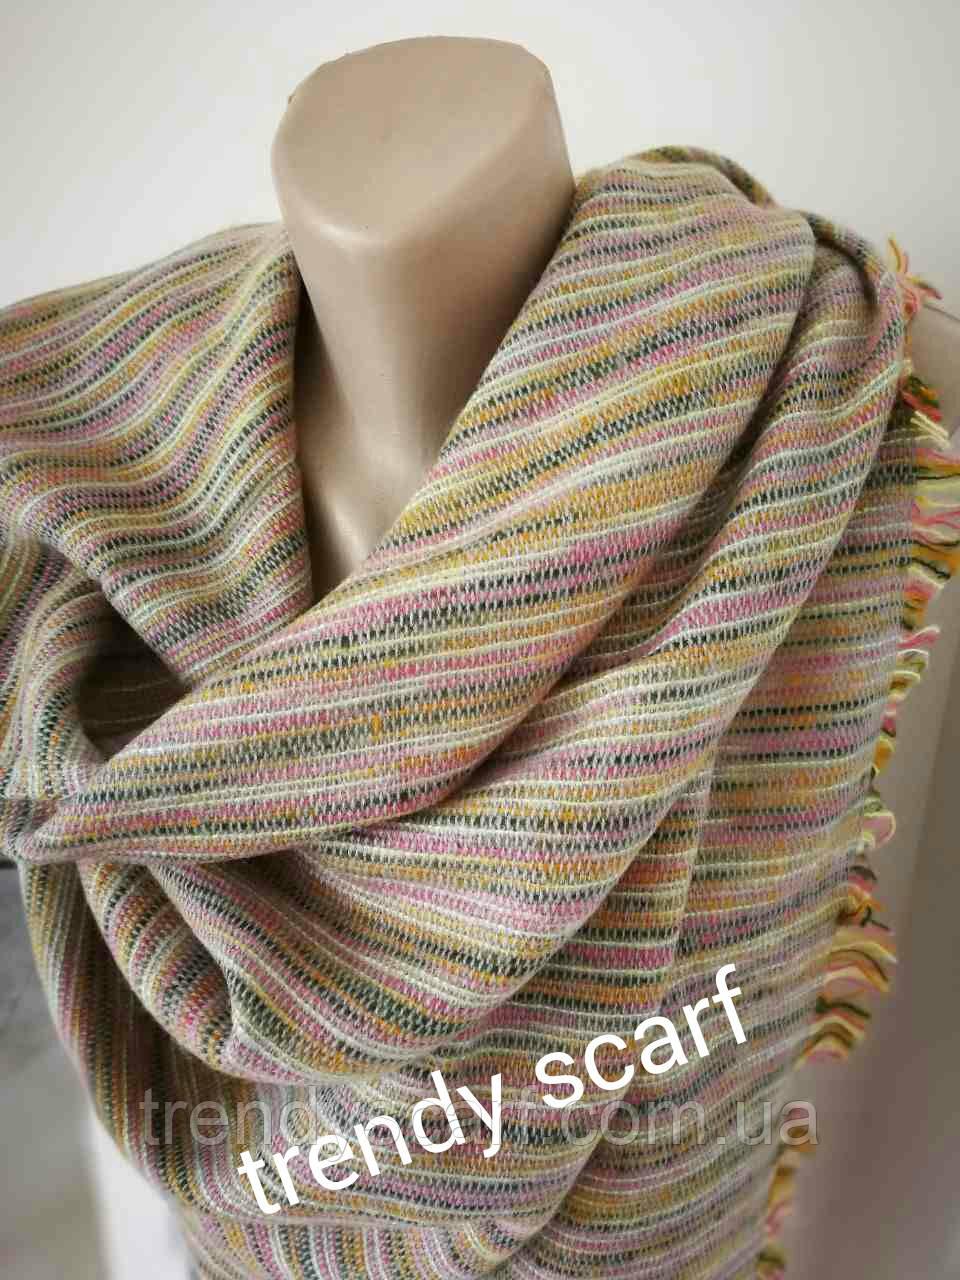 Женский платок плед. Полоска мелкая. Бежевый, желтый, зеленый, розовый, черный, шерсть, акрил. 150/150